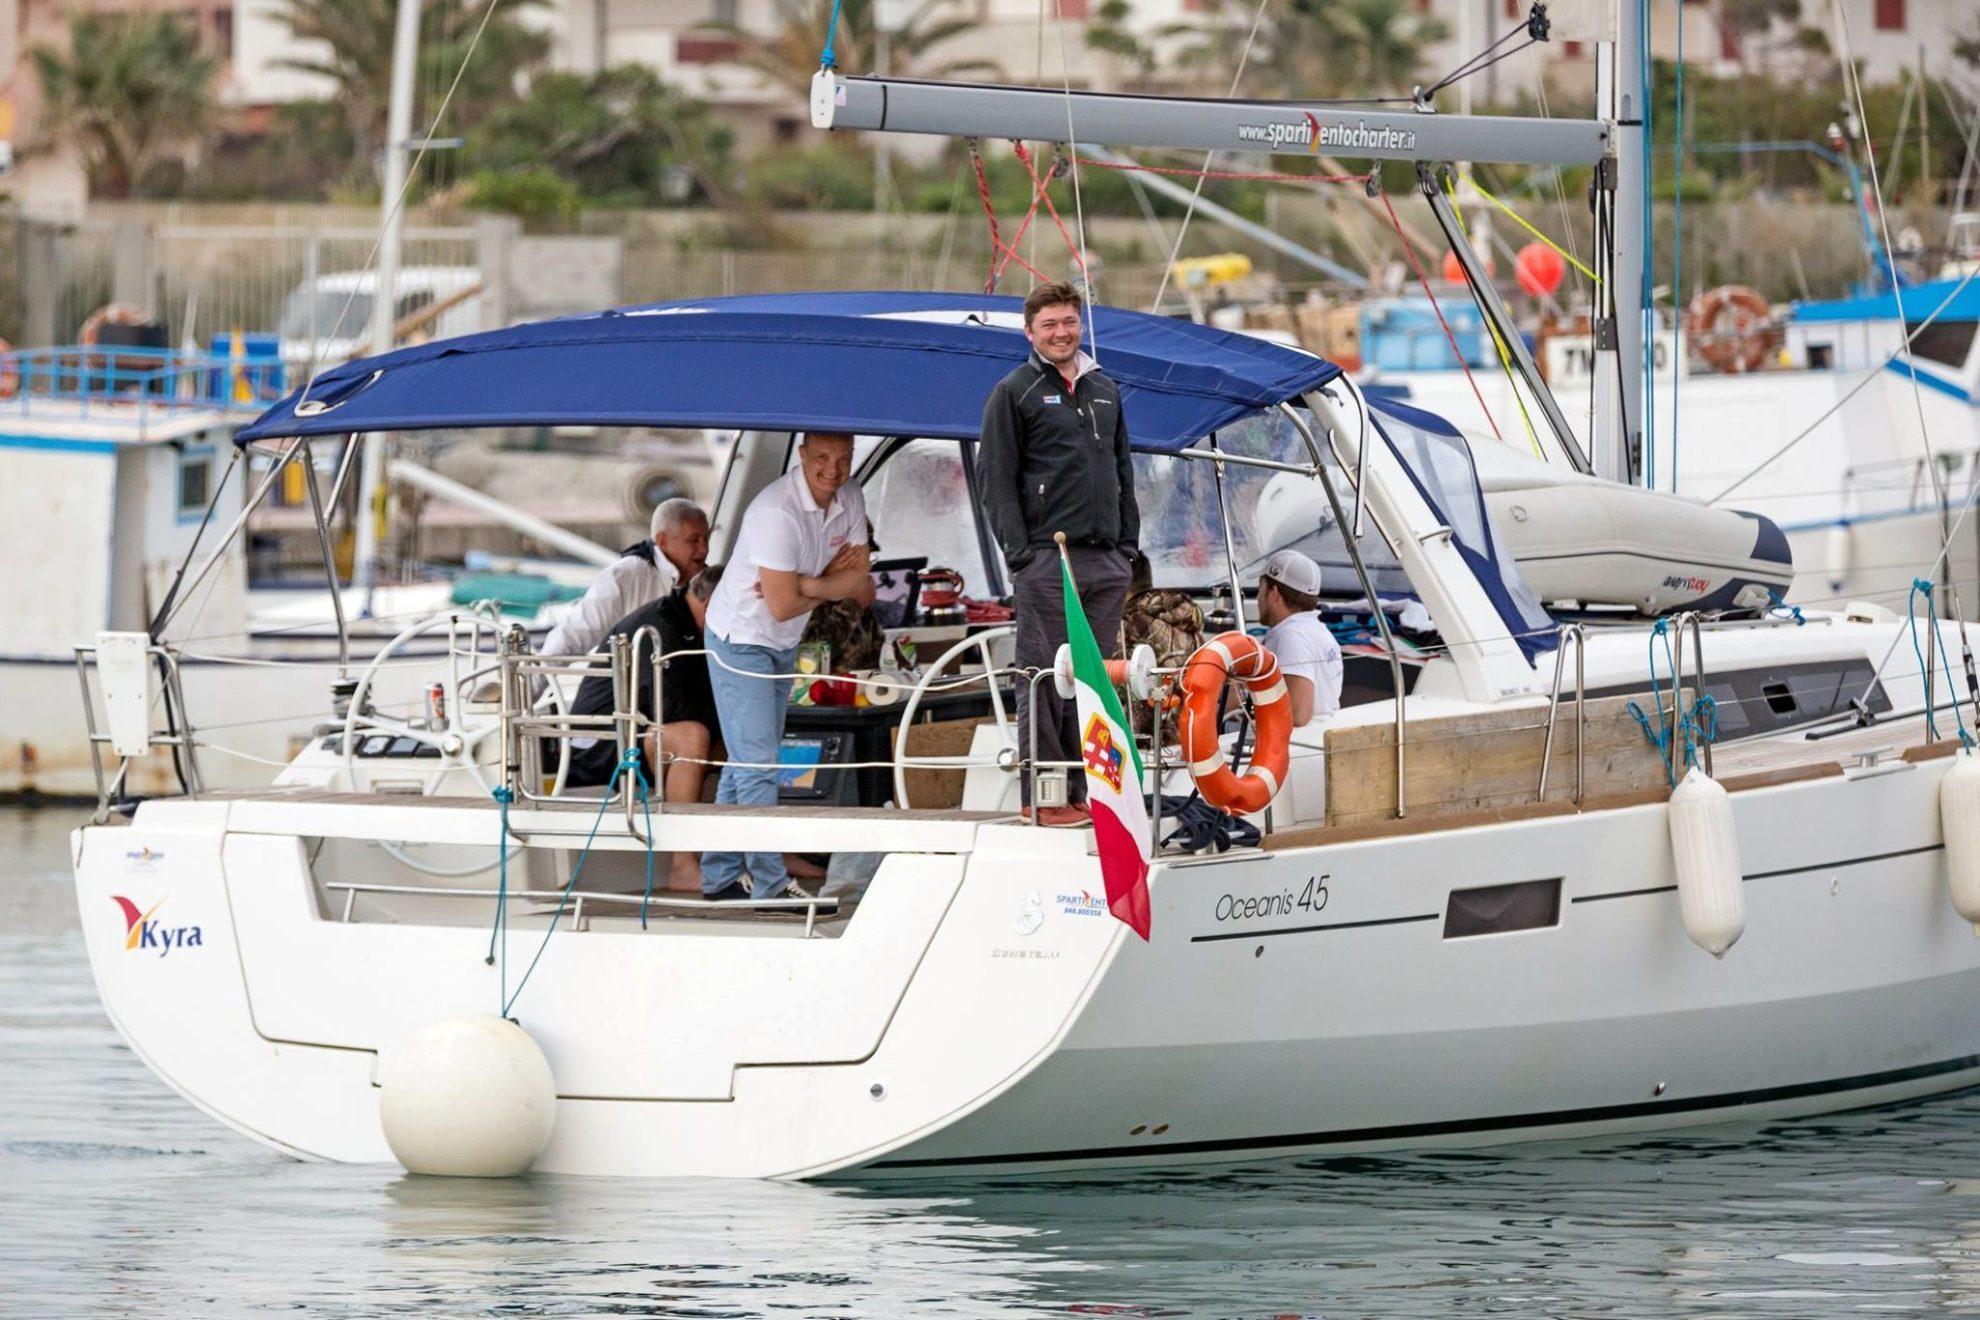 Сицилия. Яхты отходят из марины Портароса. OML 2016. Фото Олег Патрин.